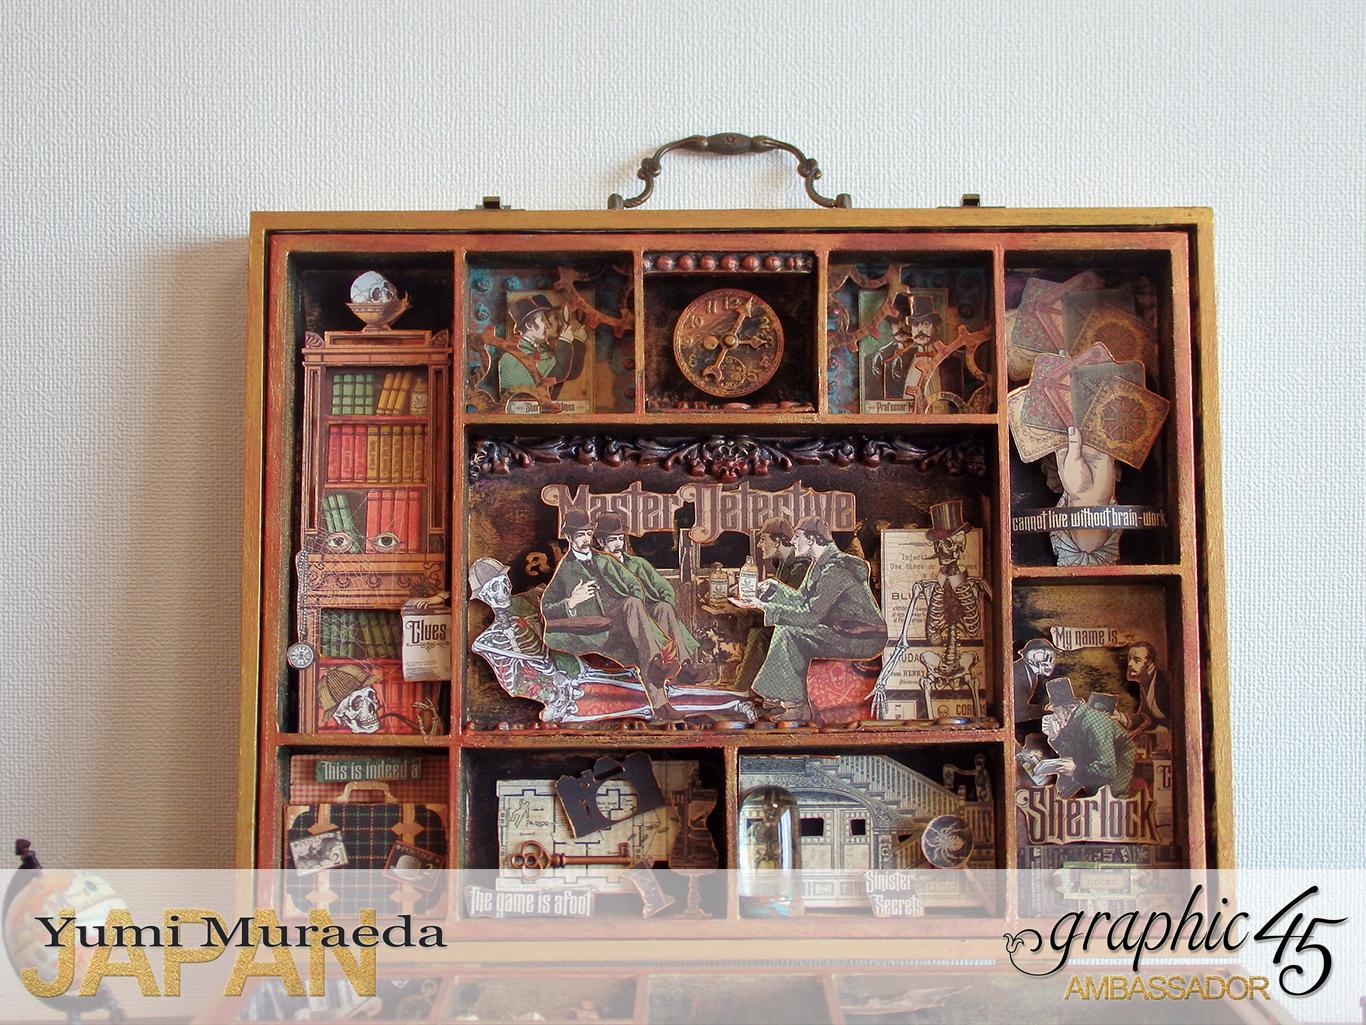 3yuyu3MasterdetactiveSecretRoomdesignbyYumiMuraedaProductByGraphic45.jpg